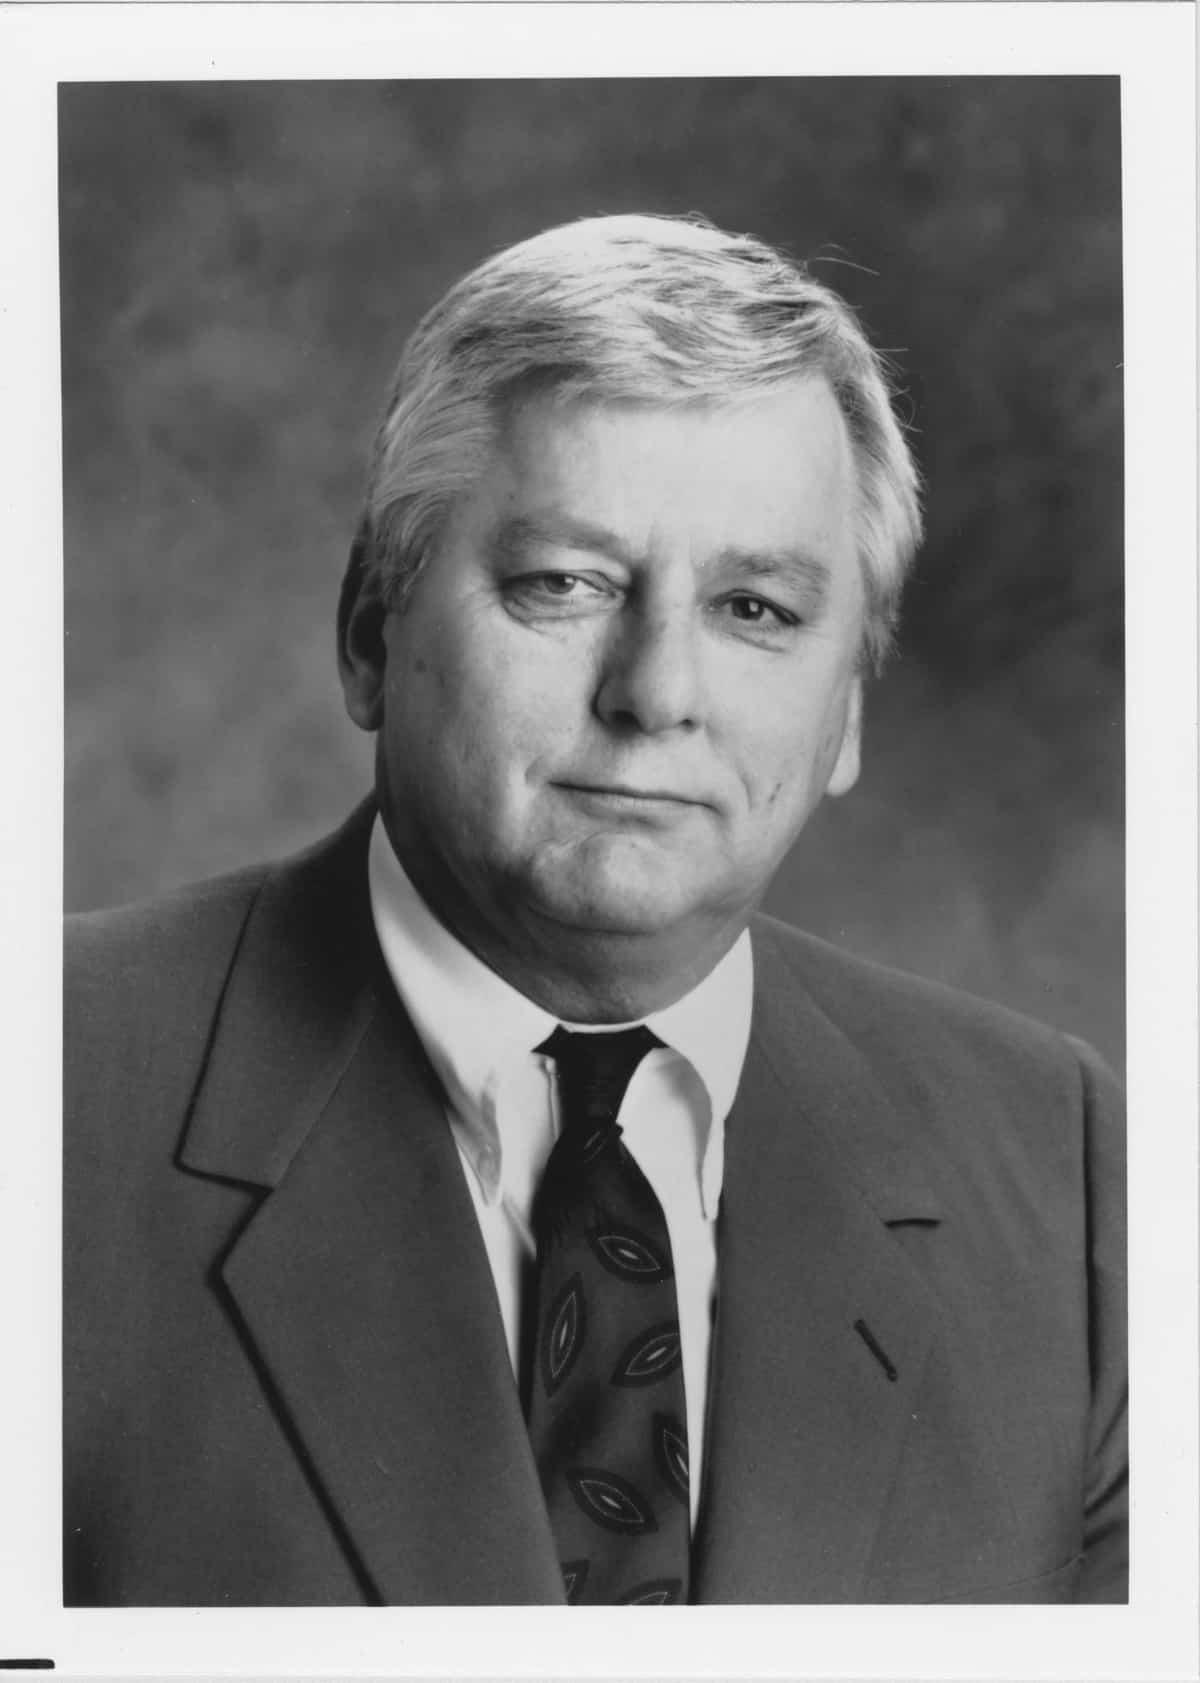 Bob O'Byrne